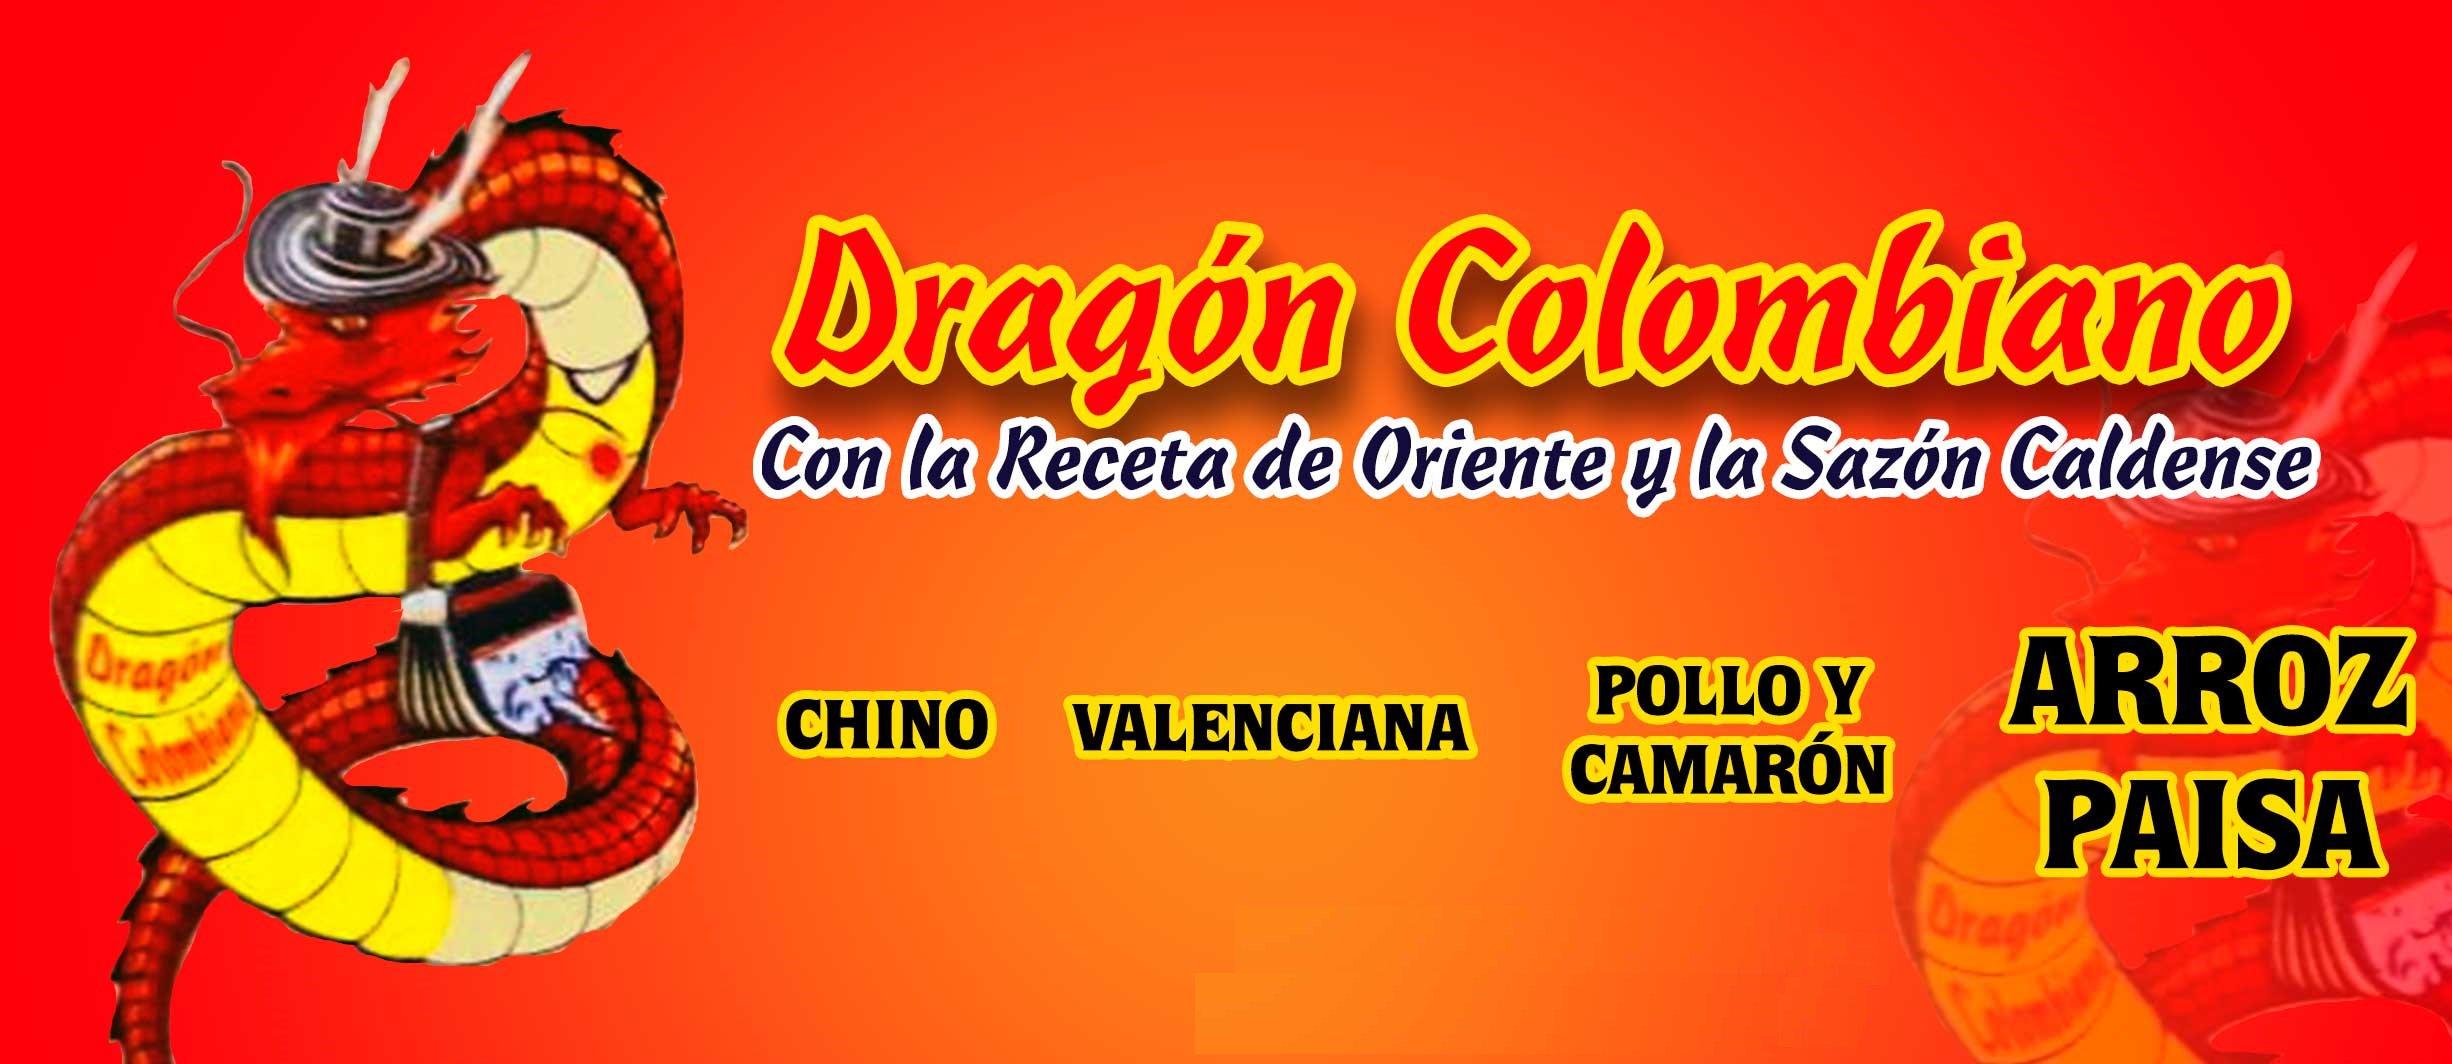 Dragón Colombiano Villa Hermosa